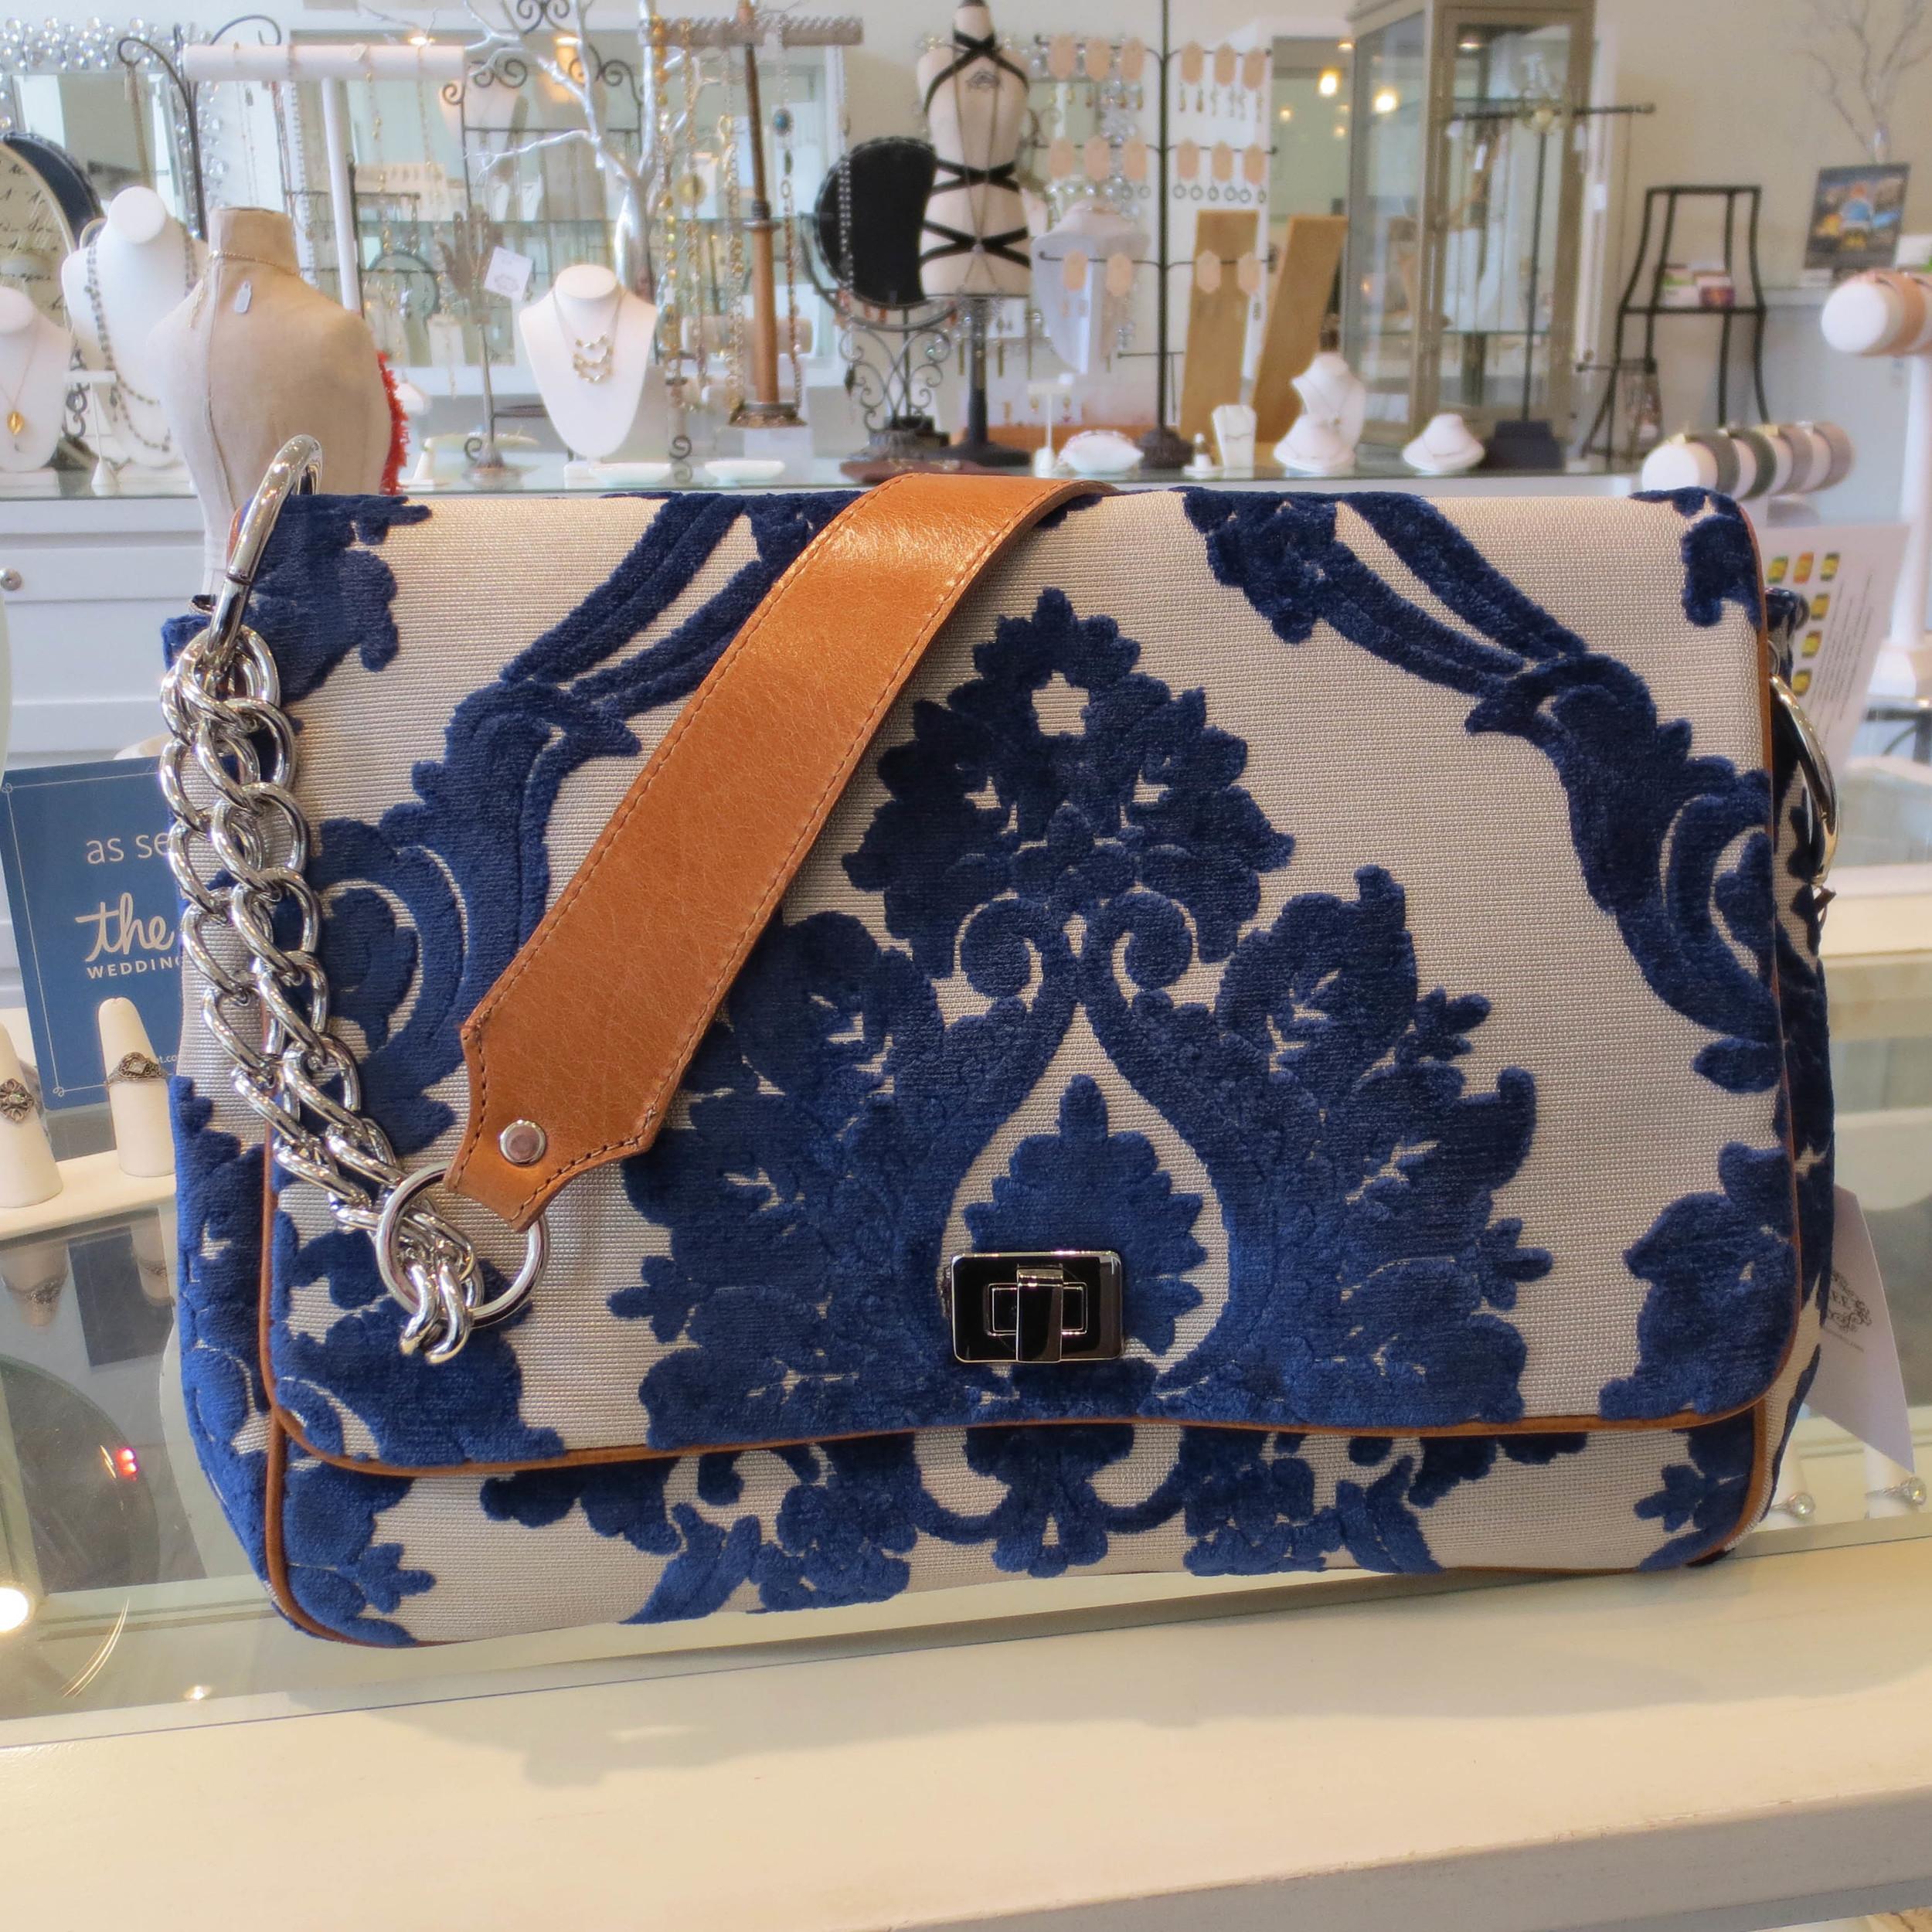 tapestry-bag-5.jpg